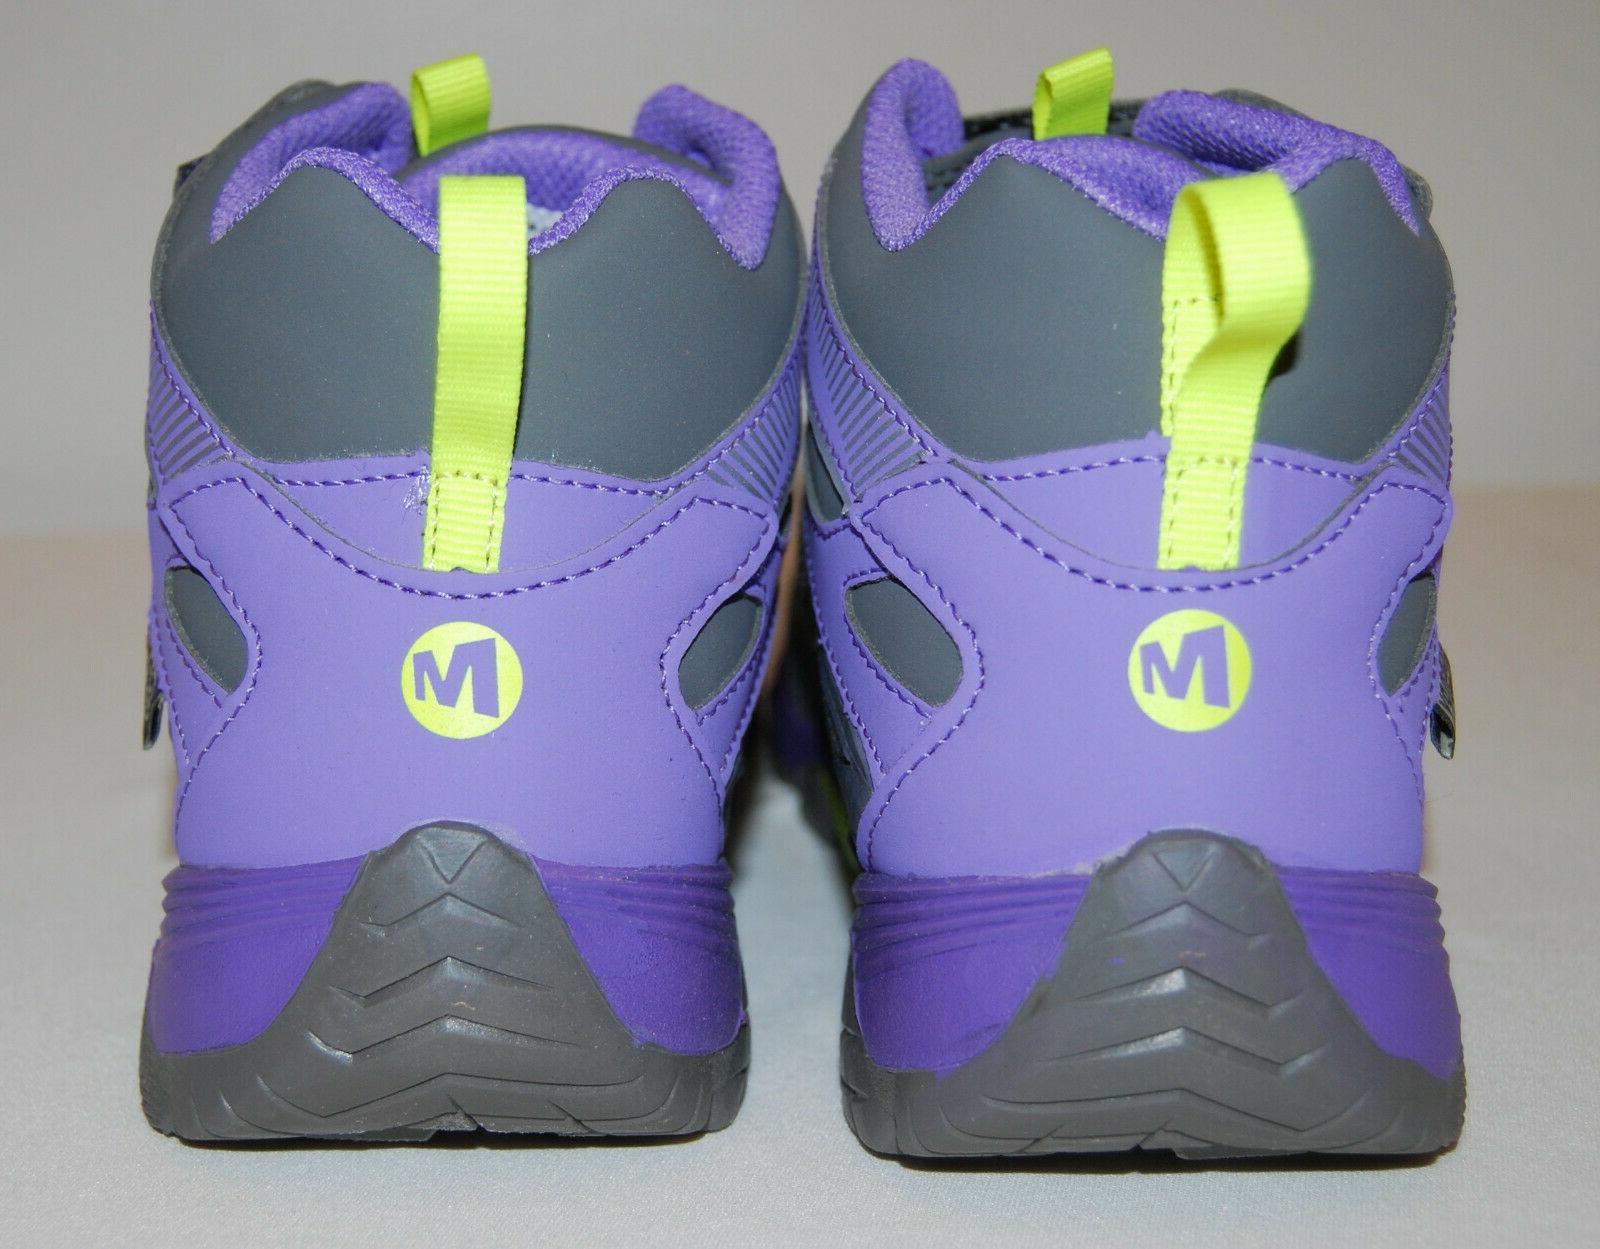 NIB Gray Mid Hiking Boots sz 4M